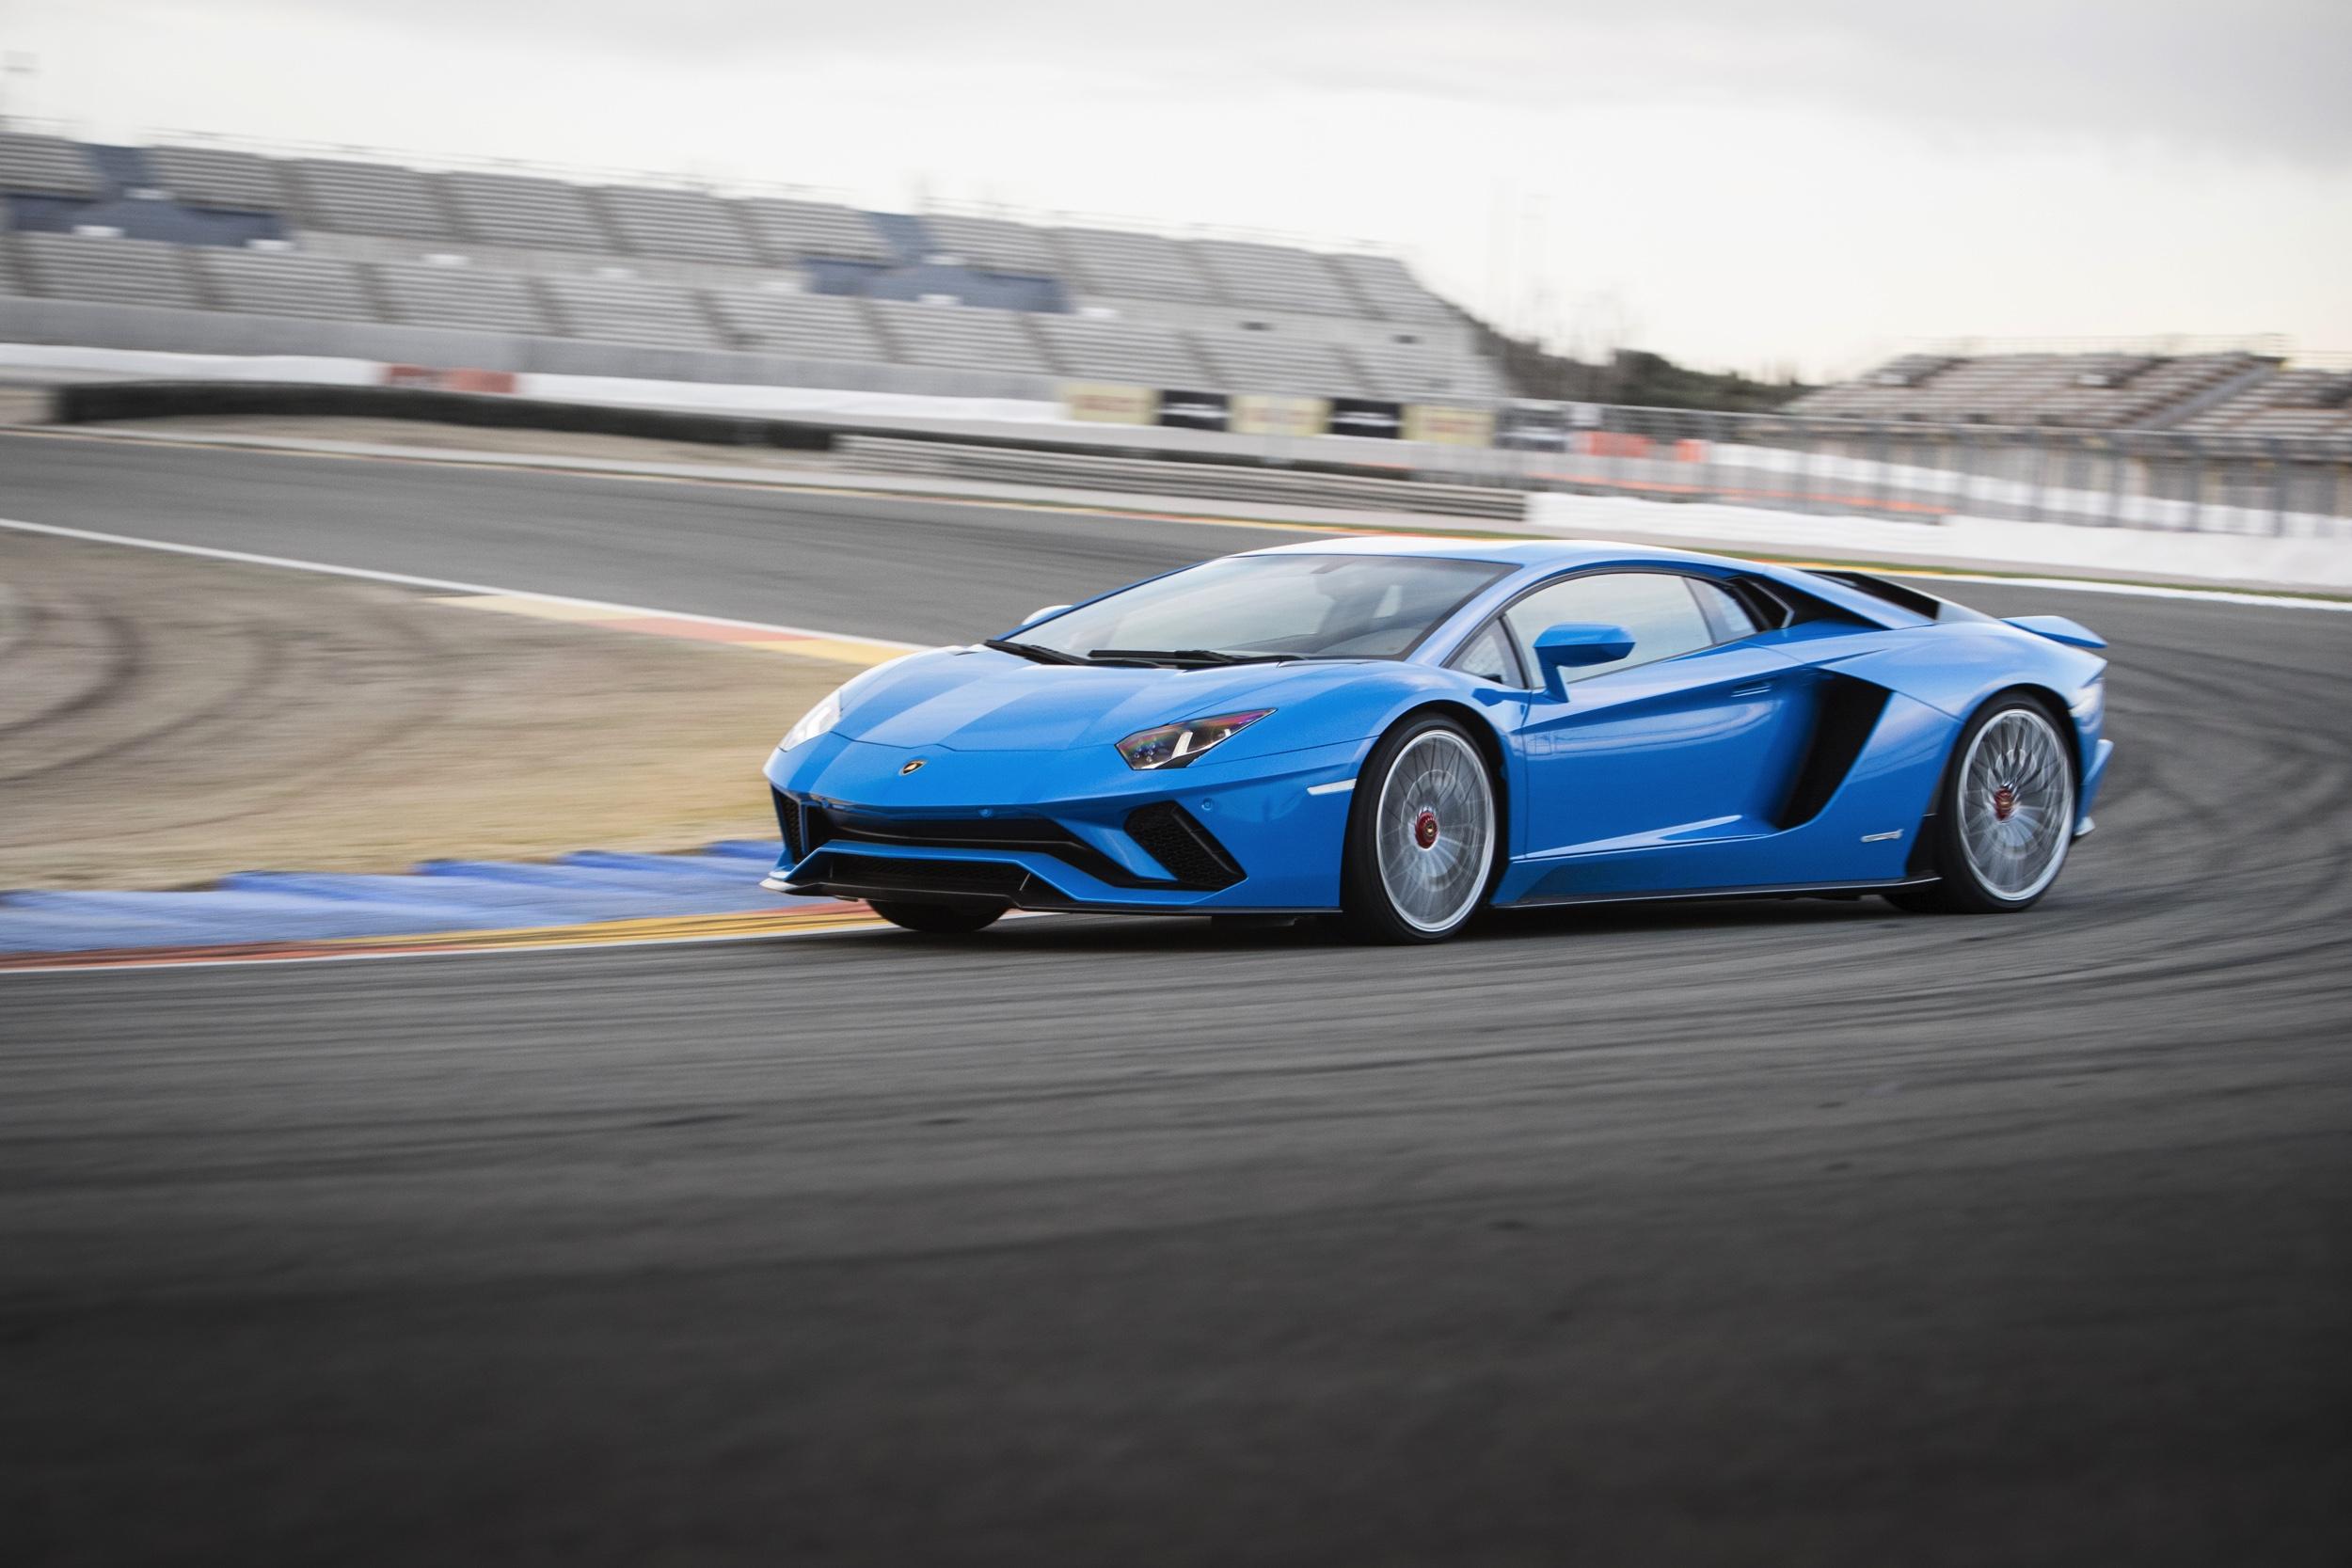 Lamborghini Aventador S - Autovisie.nl